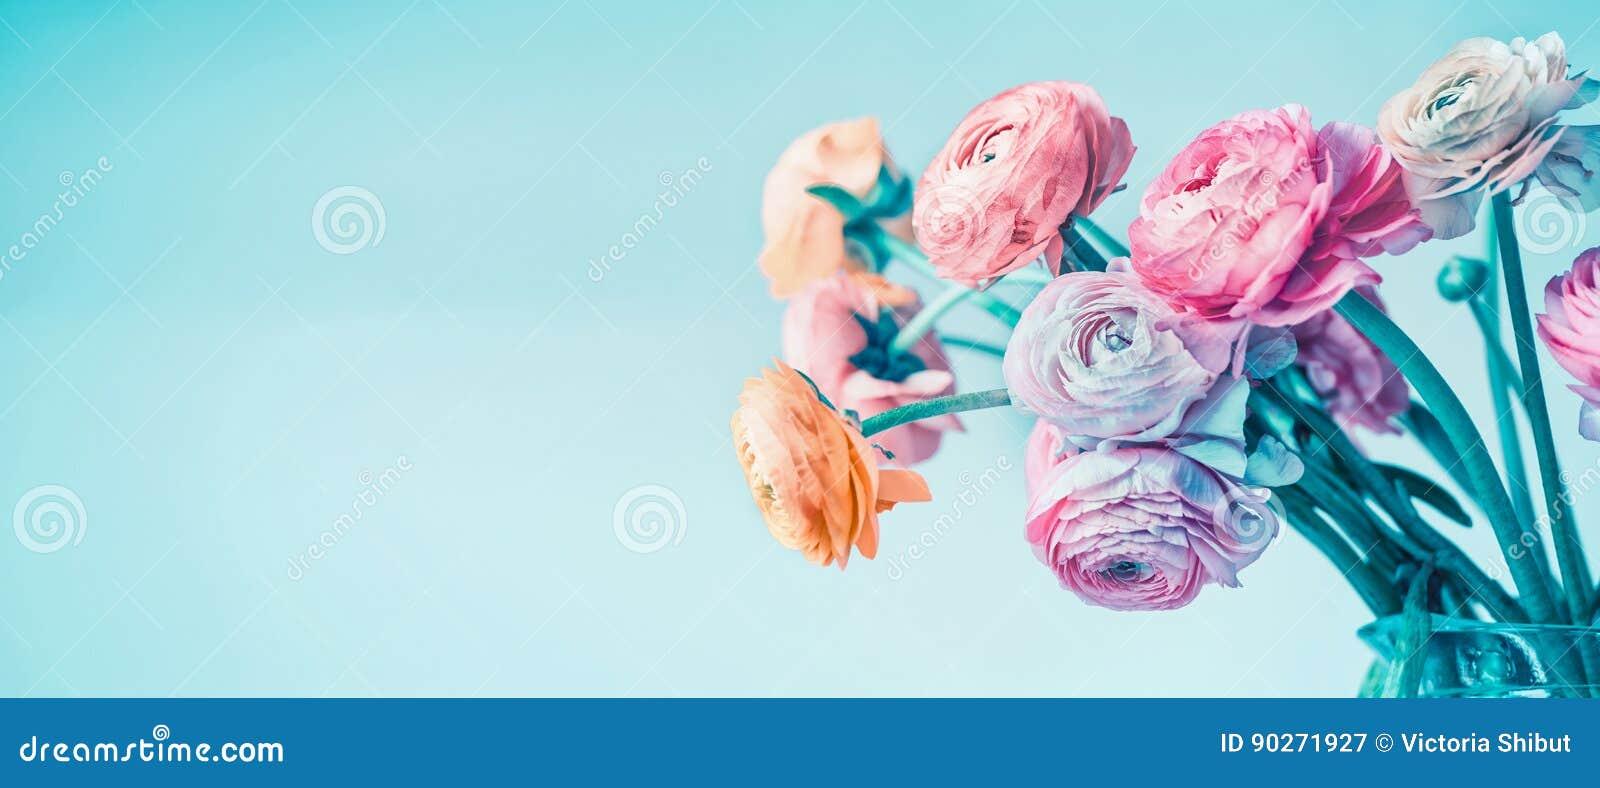 Turkooise Bloemenbanner met mooie bloemen die bij lichtblauwe achtergrond bloeien, bloemen